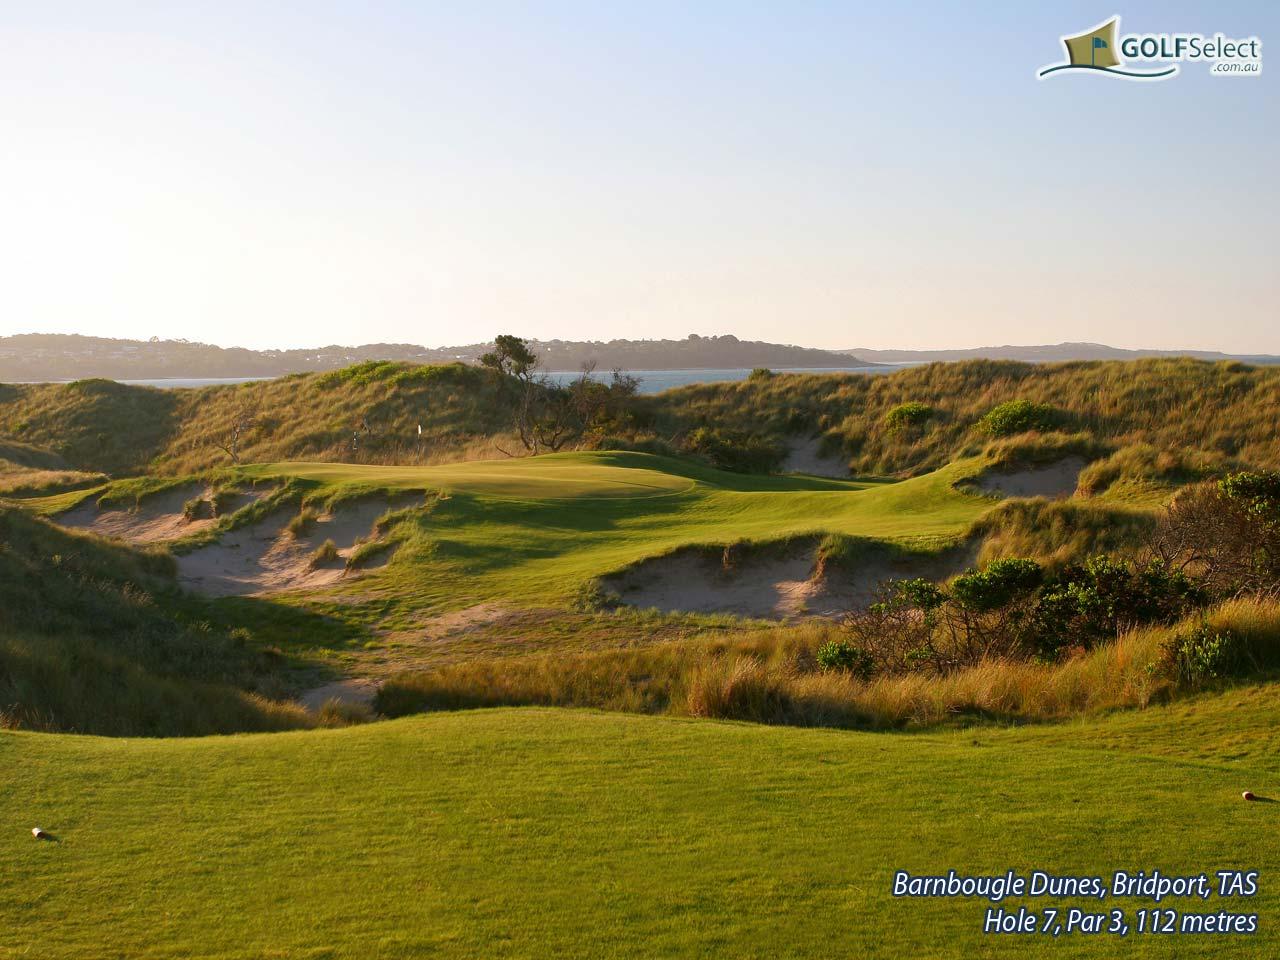 golf course desktop wallpaper   wwwhigh definition wallpapercom 1280x960